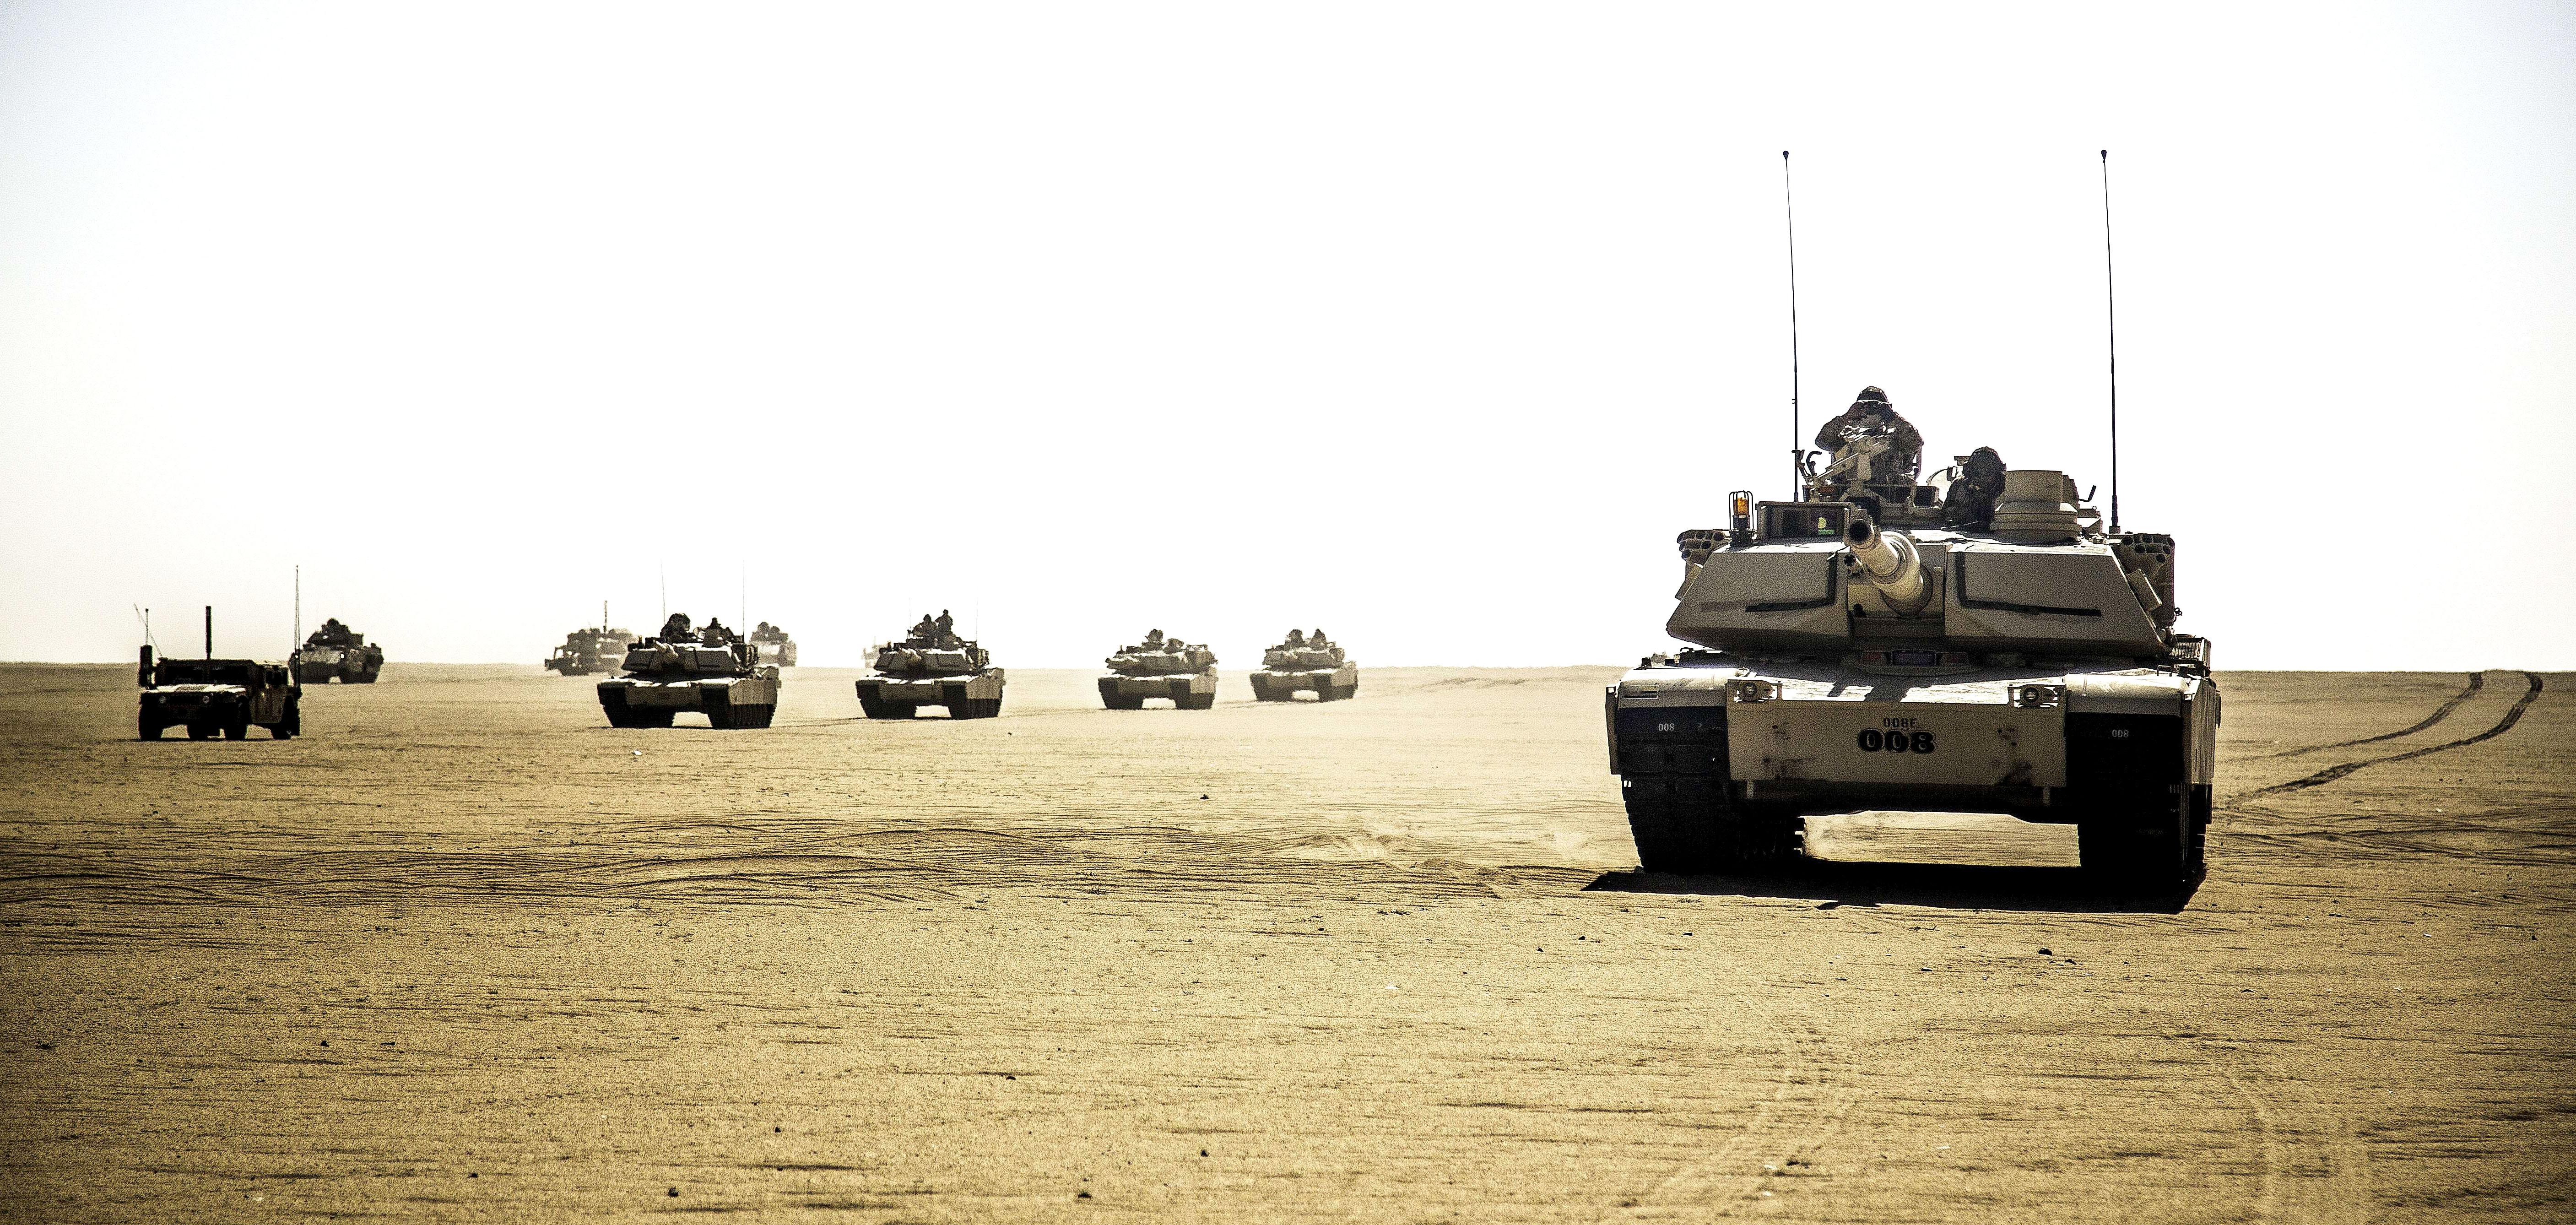 وزارتا الدفاع والخارجية الأمريكيتان توافقان علي صفقة تطوير 218 دبابة M1A2 Abrams شاملة عمليات الدعم والمعدات ذات الصلة  لدولة الكويت   03-07-14-Exercise51